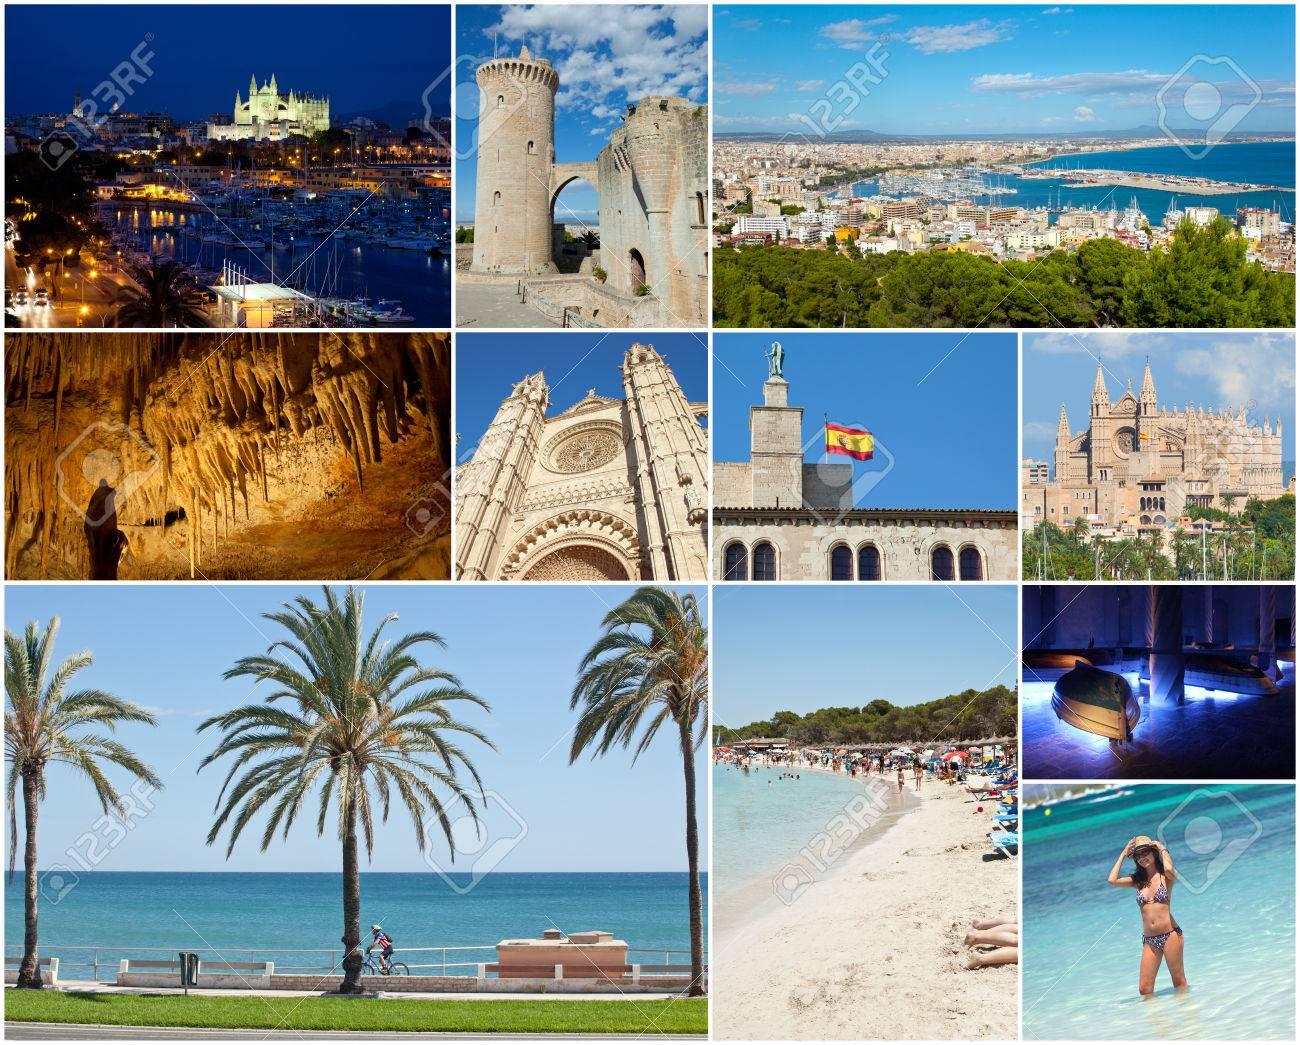 collage von palma de mallorca mit den wichtigsten sehenswurdigkeiten lizenzfreie fotos bilder und stock fotografie image 31650252